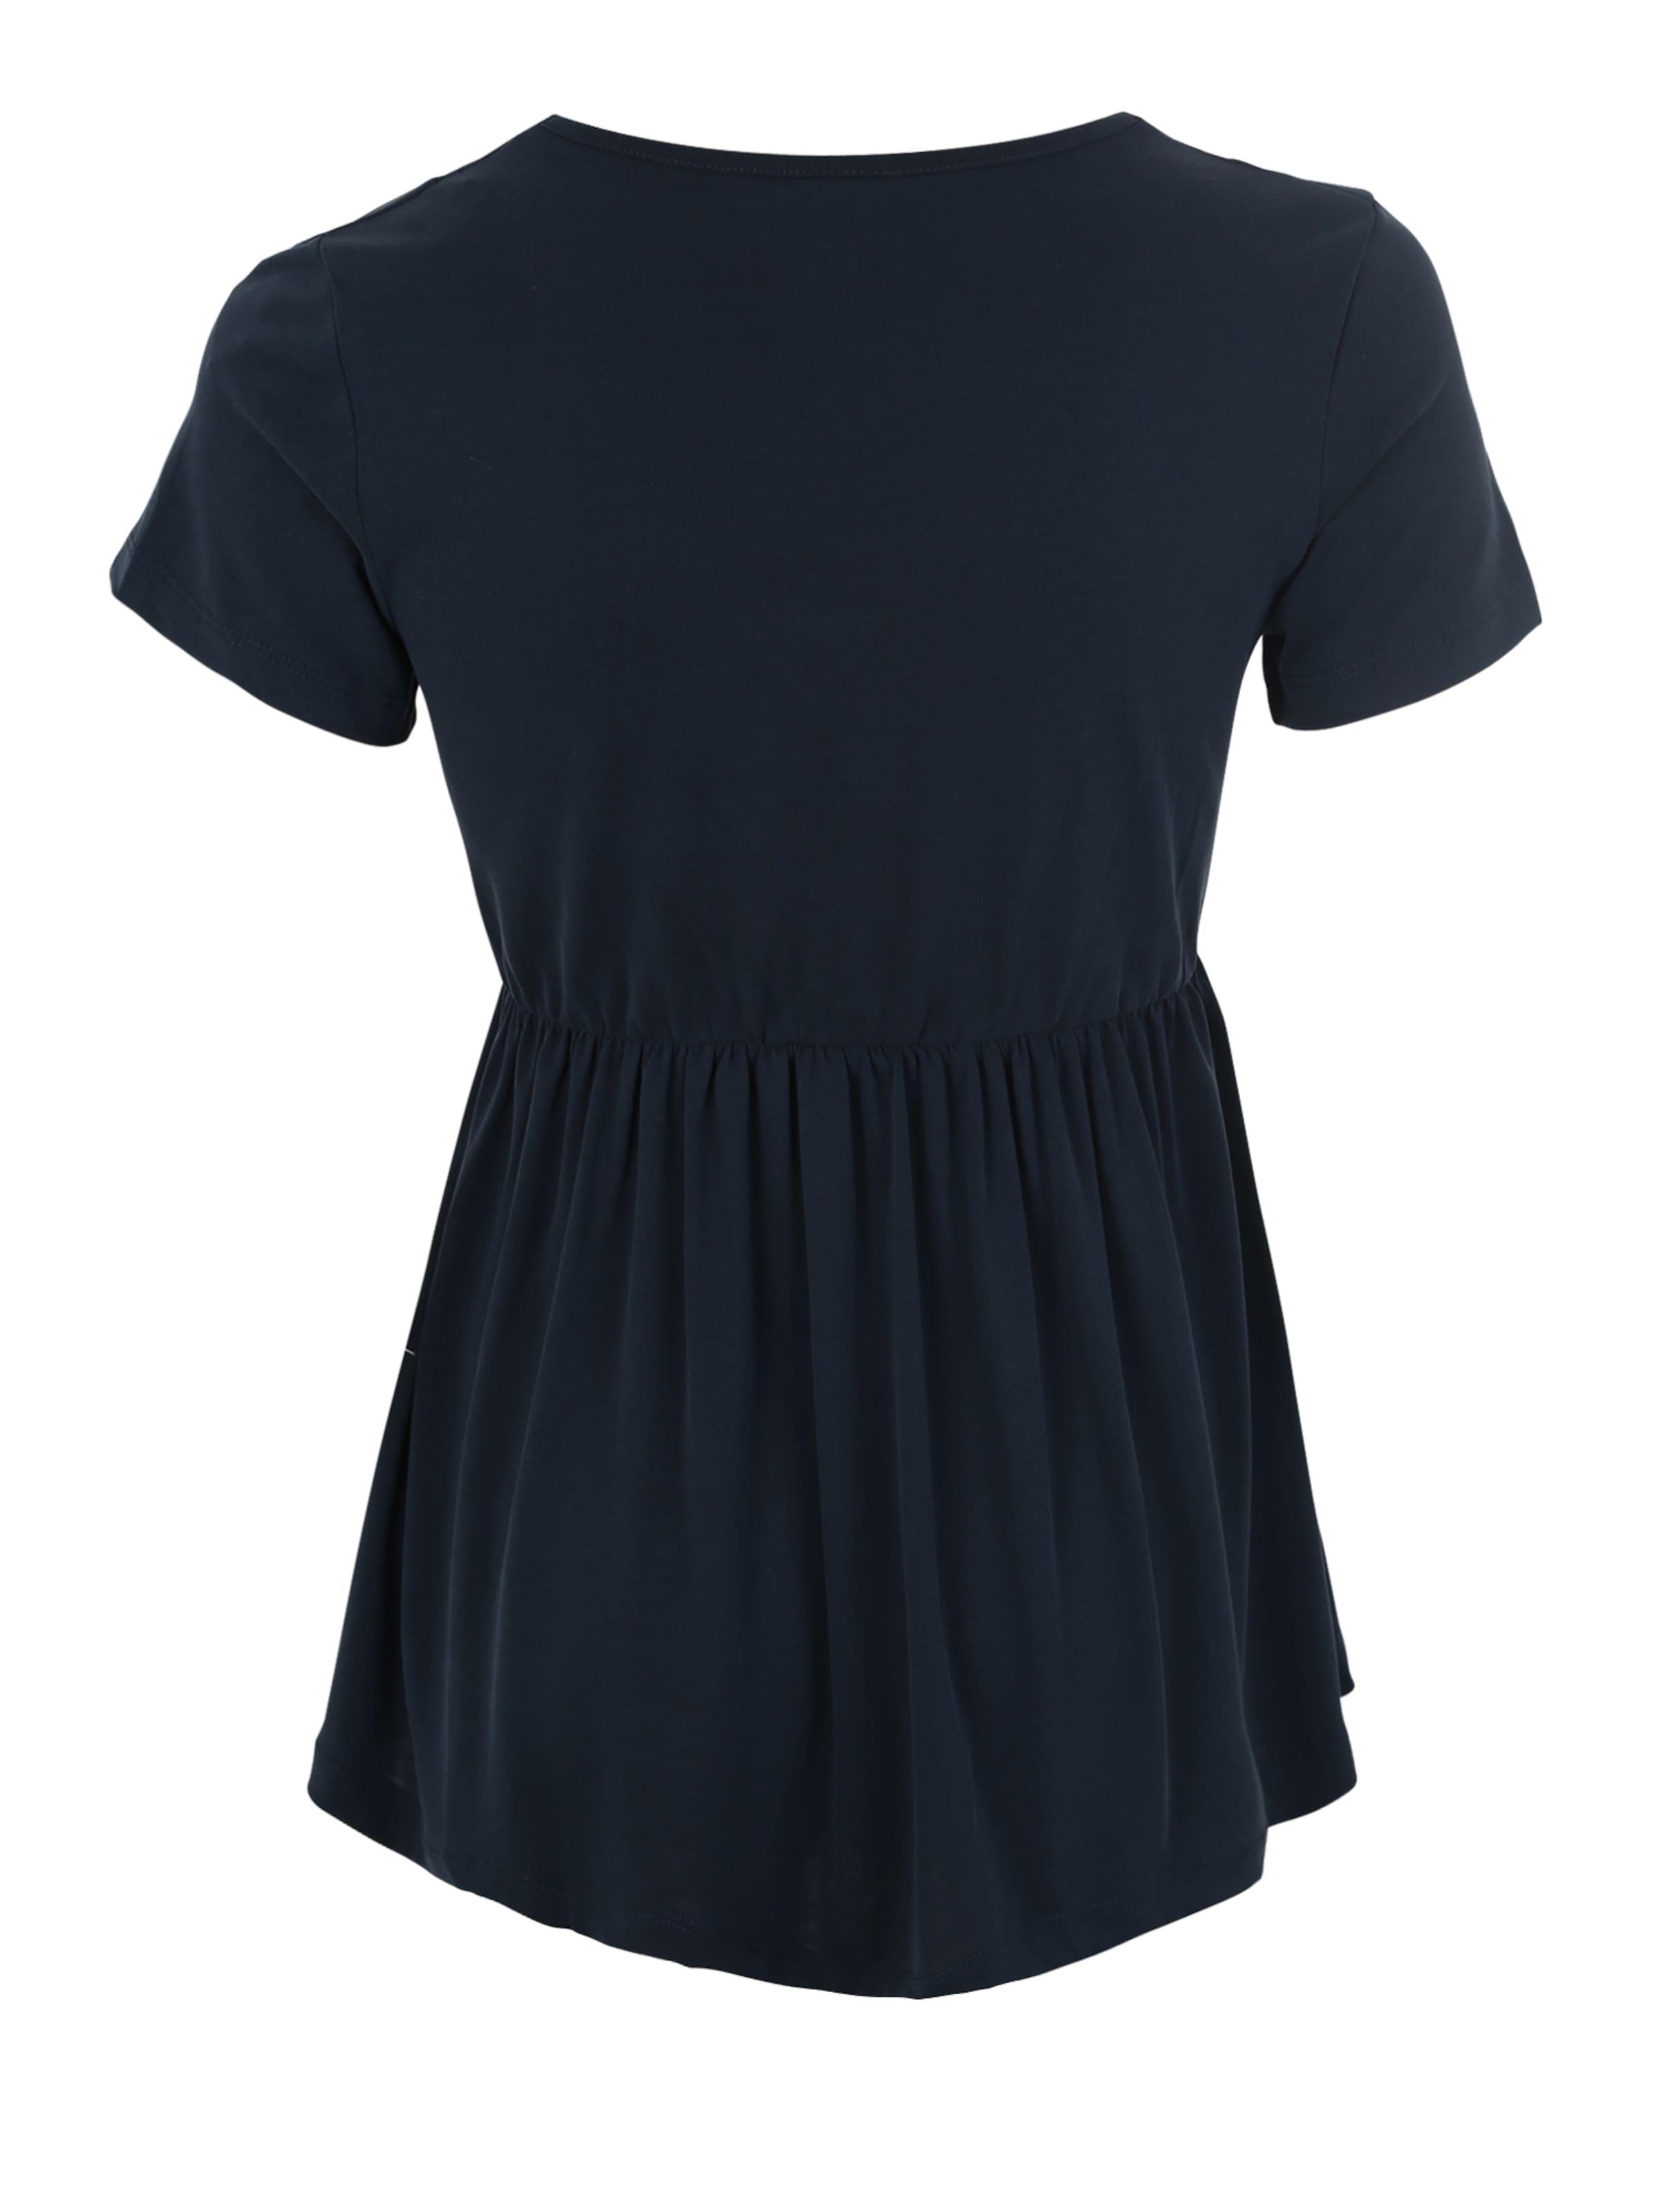 Bleu Foncé s shirt Nf T ' En Top Mamalicious Tess 'mllulu S Jersey CQoeBxrdW